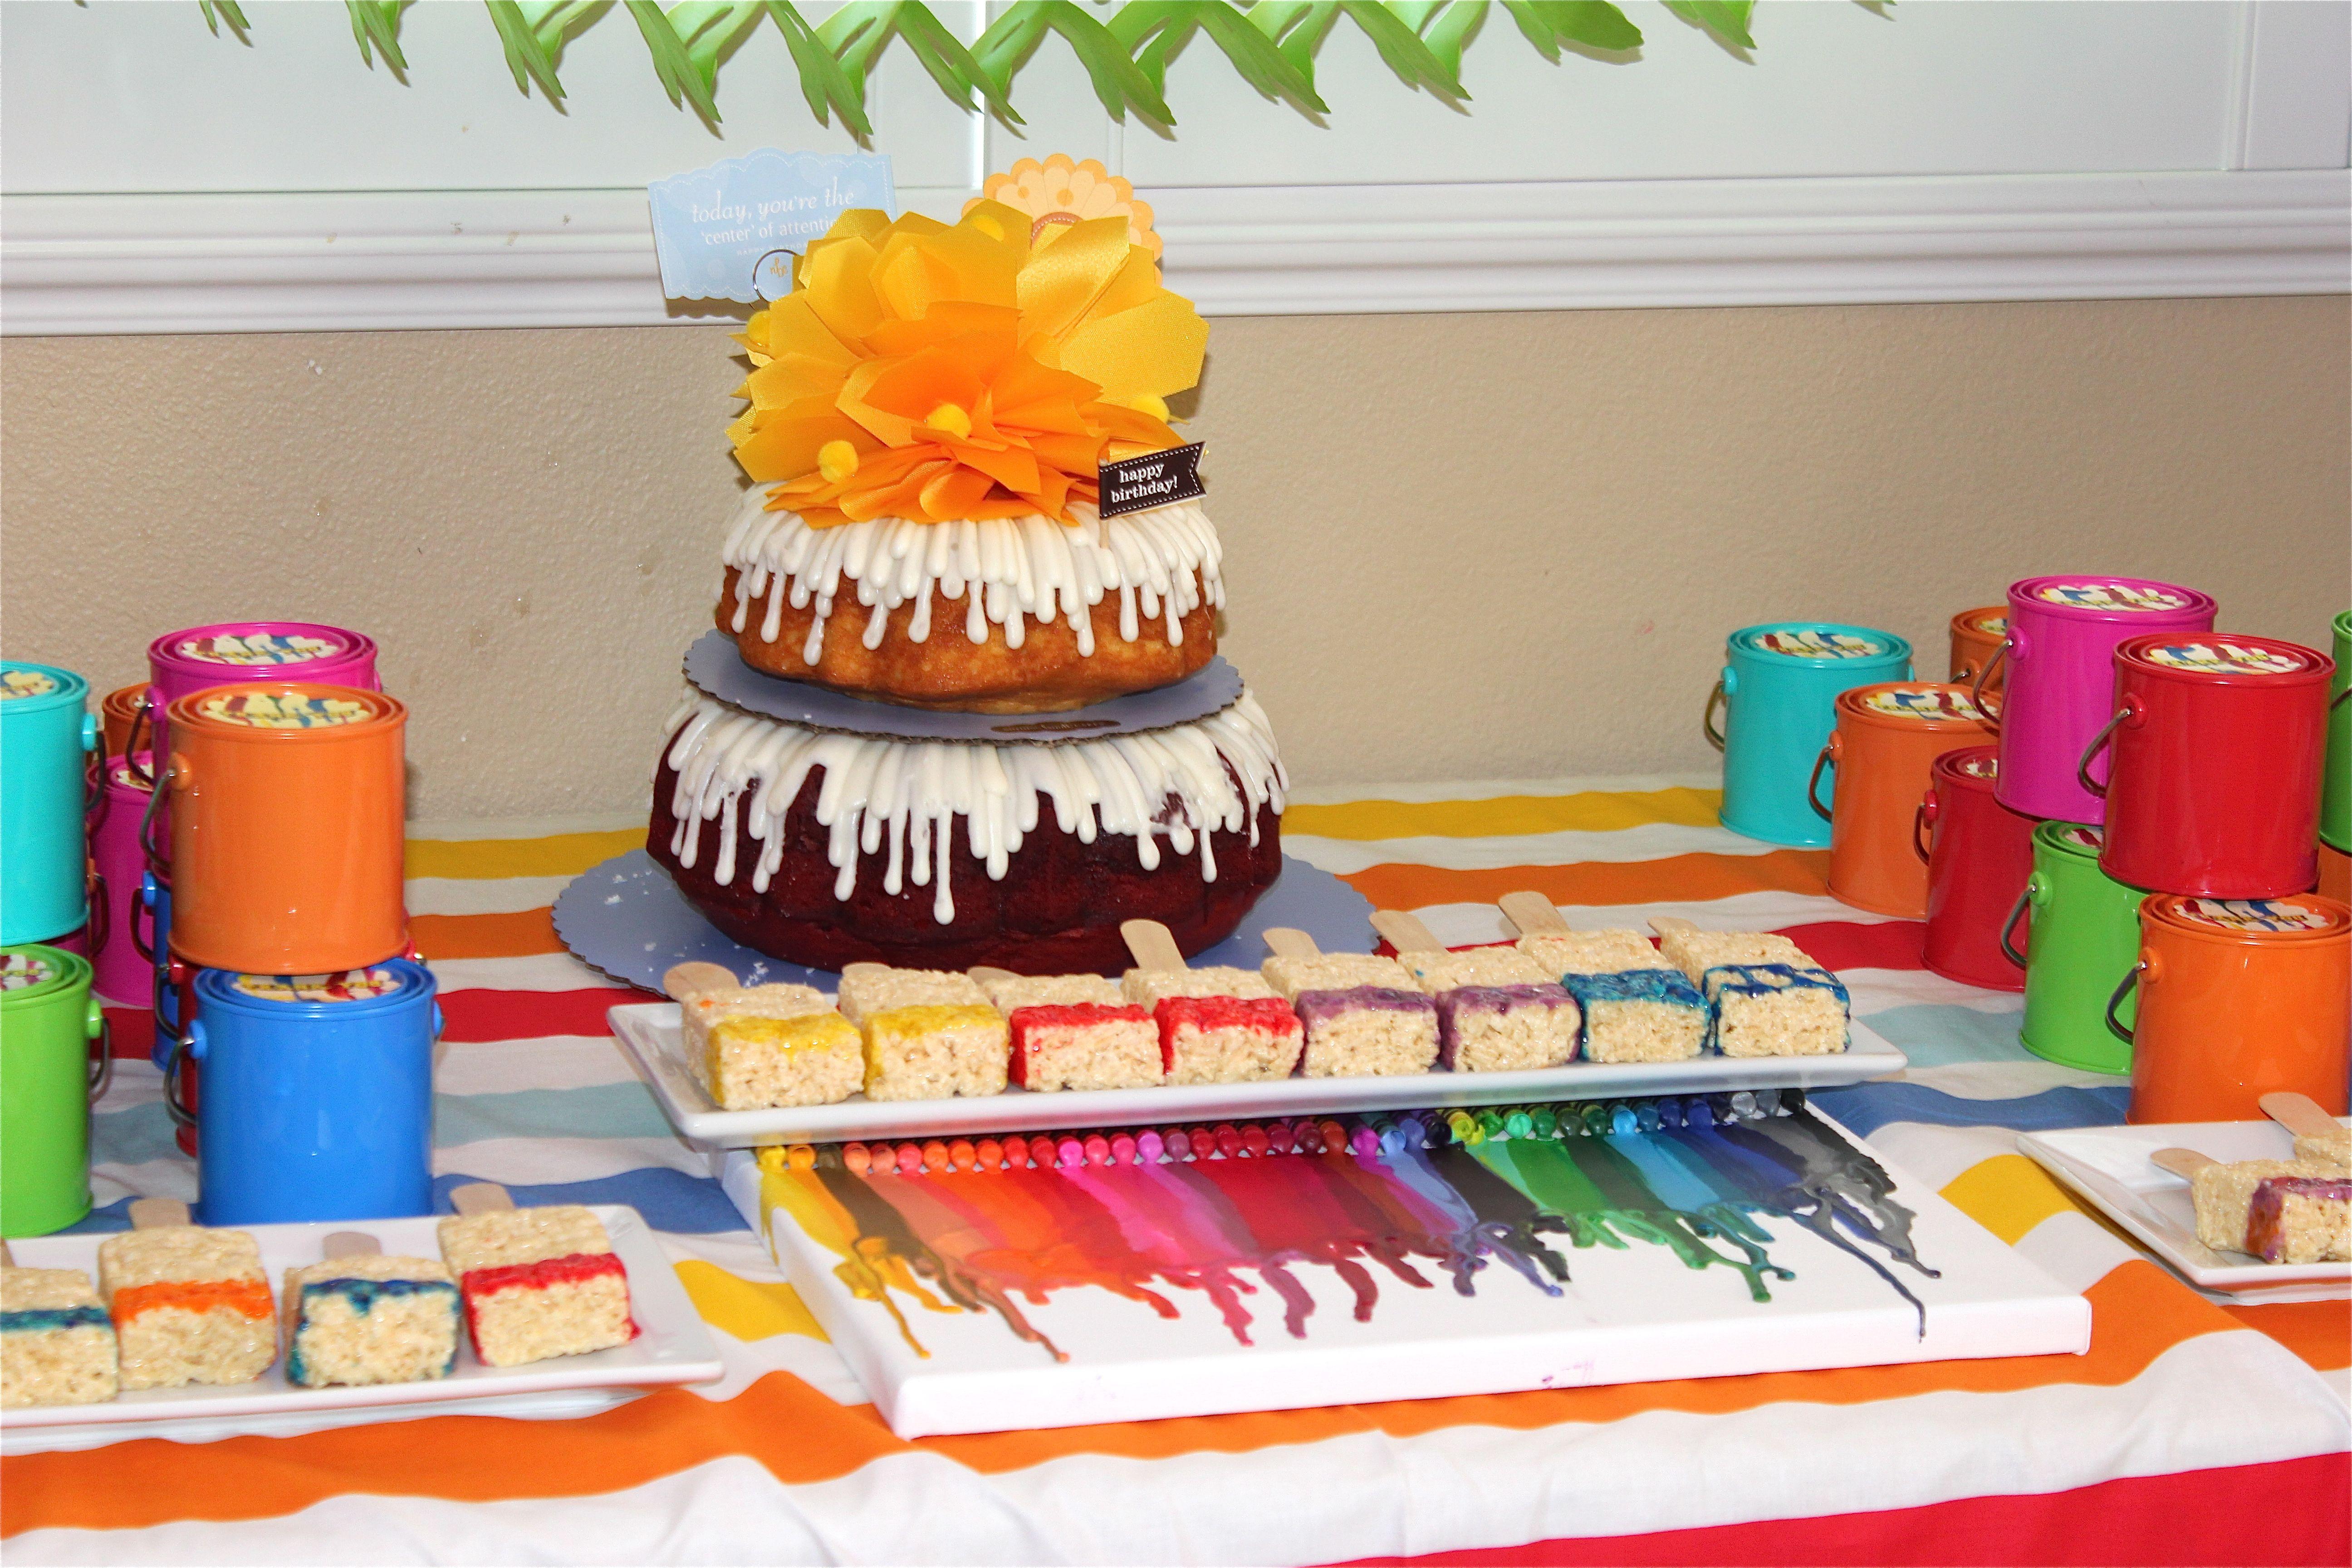 Art Party Birthday Cake Nothing Bundt Cakes Wwwtalaeventscom - Bundt birthday cake